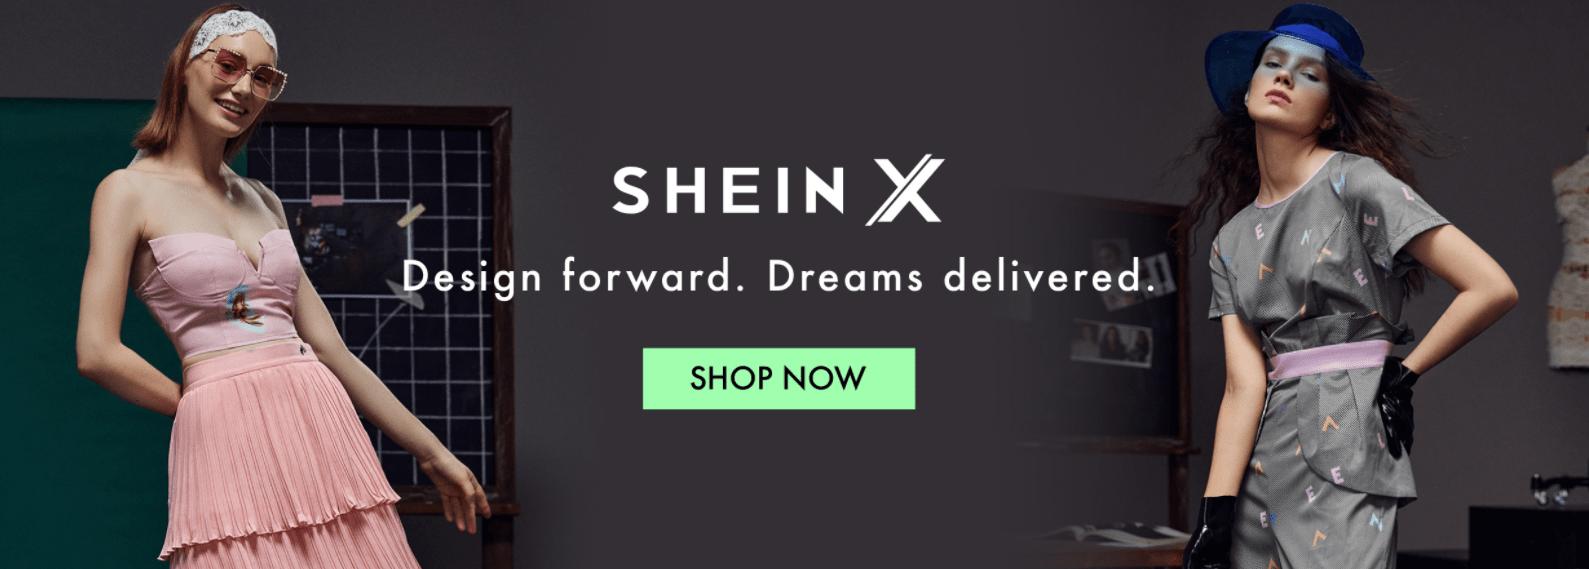 10 mejores imitaciones de diseñador de Shein para comprar ahora, shein tiene las mejores imitaciones de diseñador, ¿SHEIN TIENE LAS MEJORES DUPAS QUE NUNCA, Best Shein Finds 2021 2022 2023, ¿SHEIN tiene engaños? ?, ¿Cuáles son las mejores cosas para comprar en SHEIN?